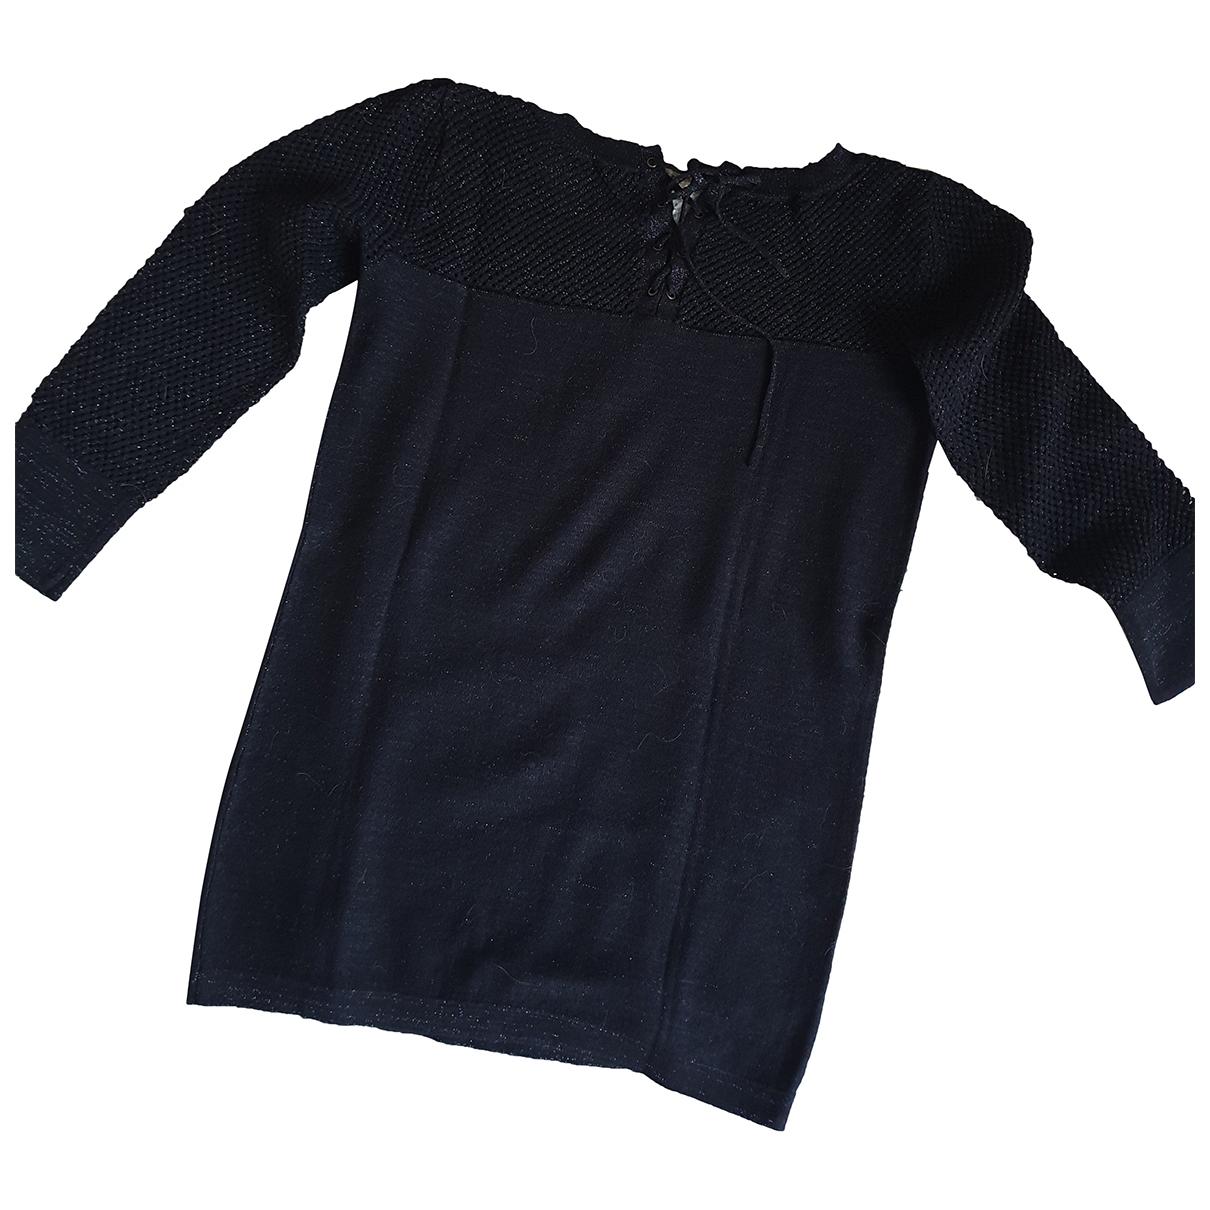 Ikks - Pull   pour femme en coton - noir